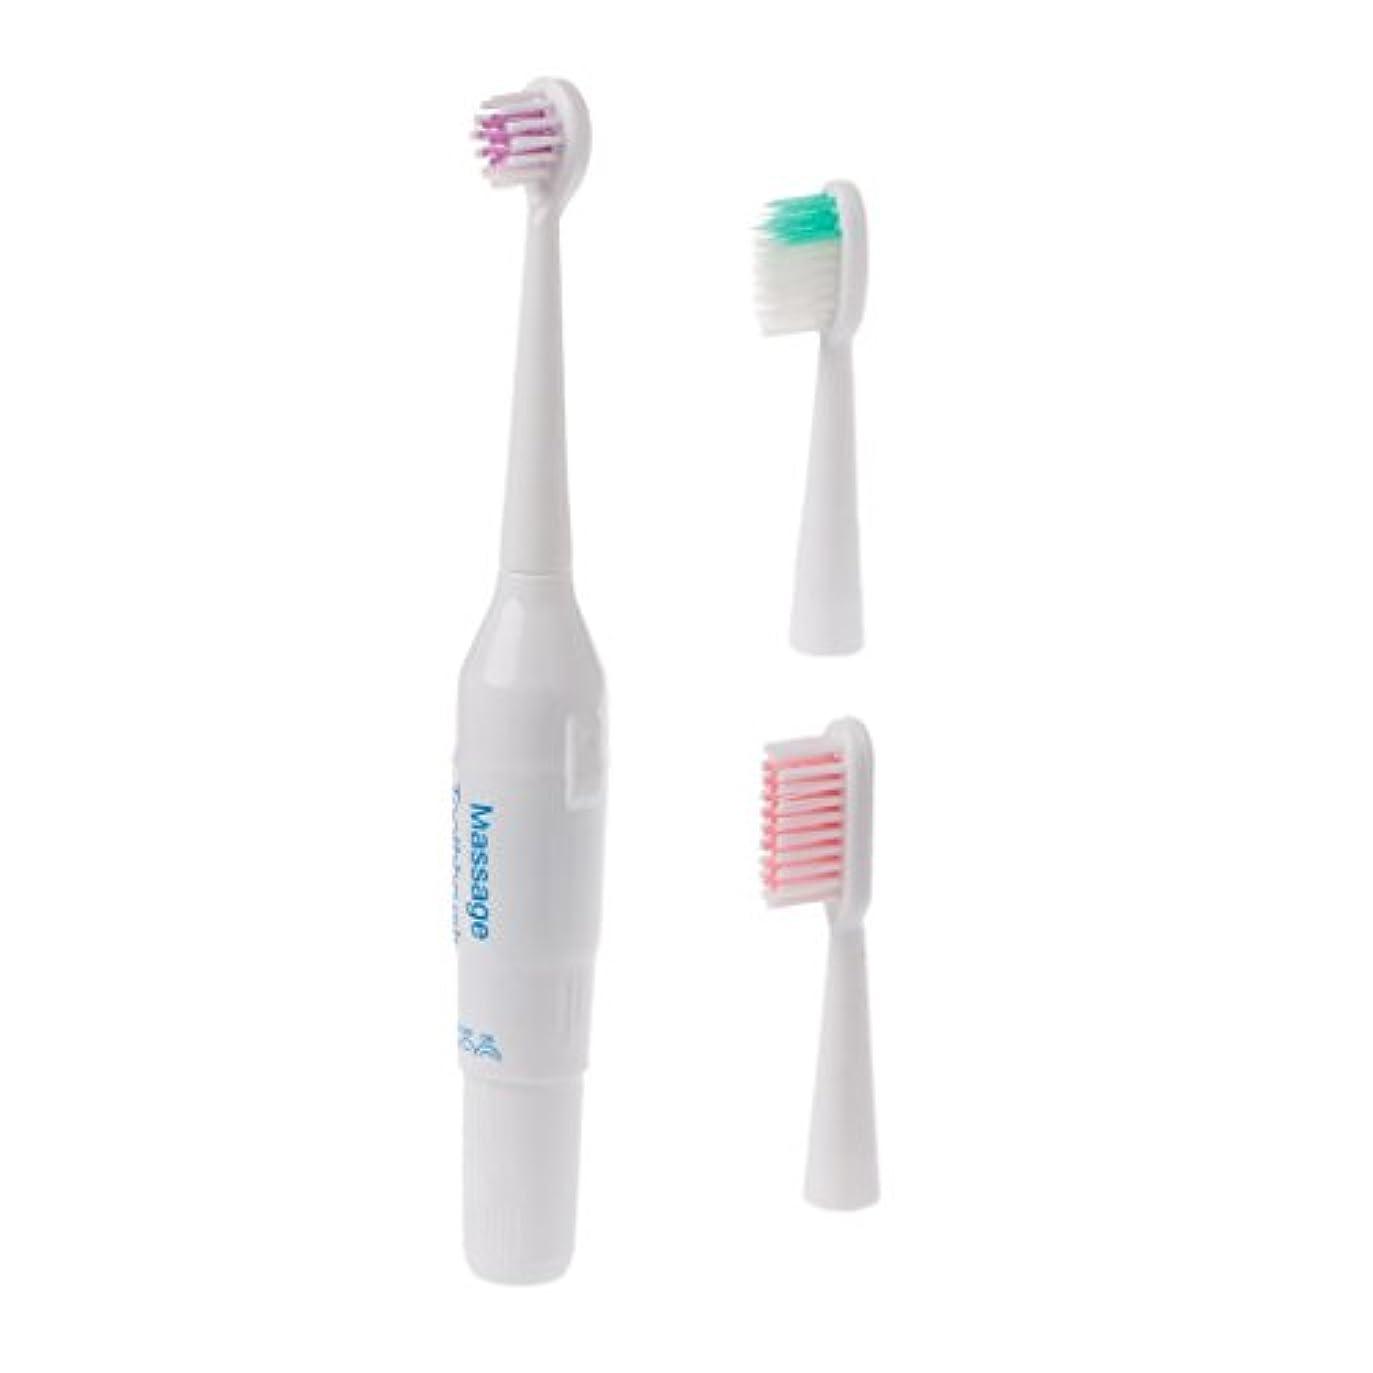 セラフドライストレンジャーManyao キッズプロフェッショナル口腔ケアクリーン電気歯ブラシパワーベビー用歯ブラシ